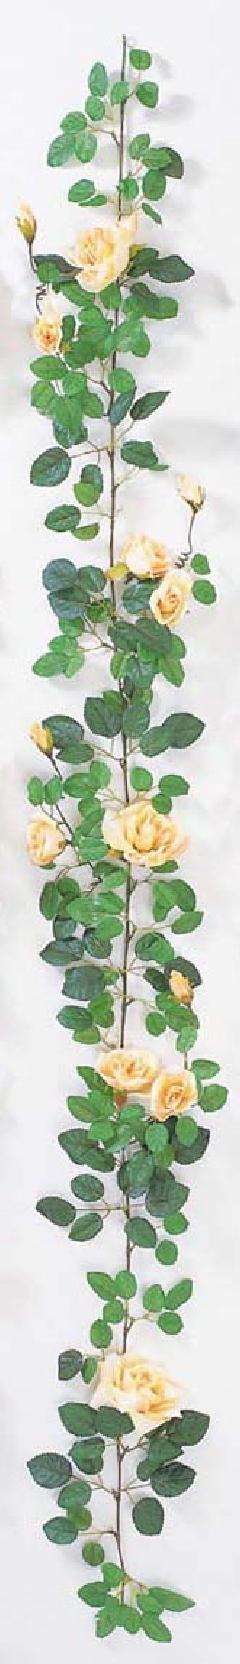 屋内用造花バラガーランド(プラチナローズ・ピーチ/イエロー・全長180cm/花径5〜10cm)FLG−302